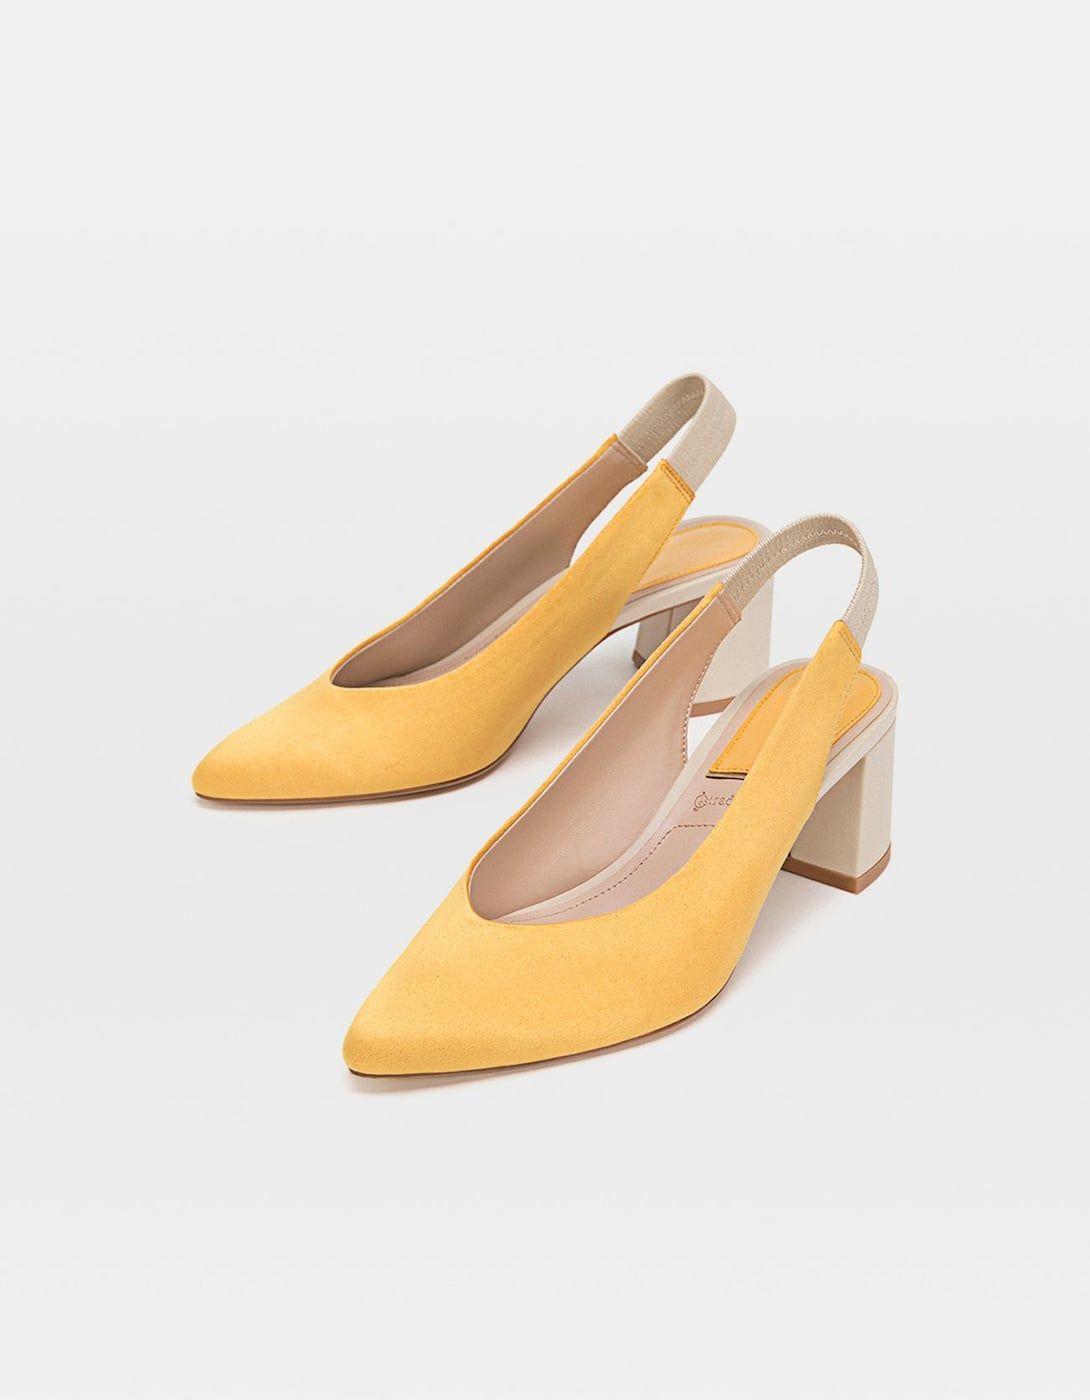 Moda Stradivarius Zapatos Amarillo Destalonados Look En 2019El v8Nwn0m